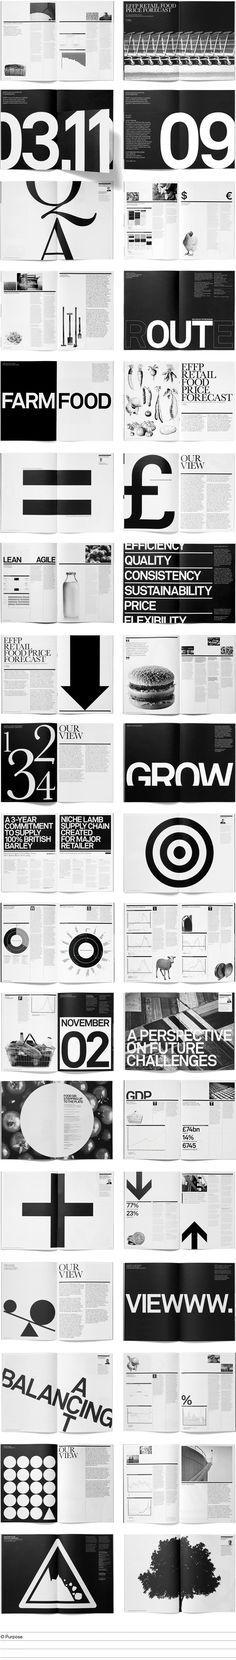 EFFP View Magazine : Paul Felton Design